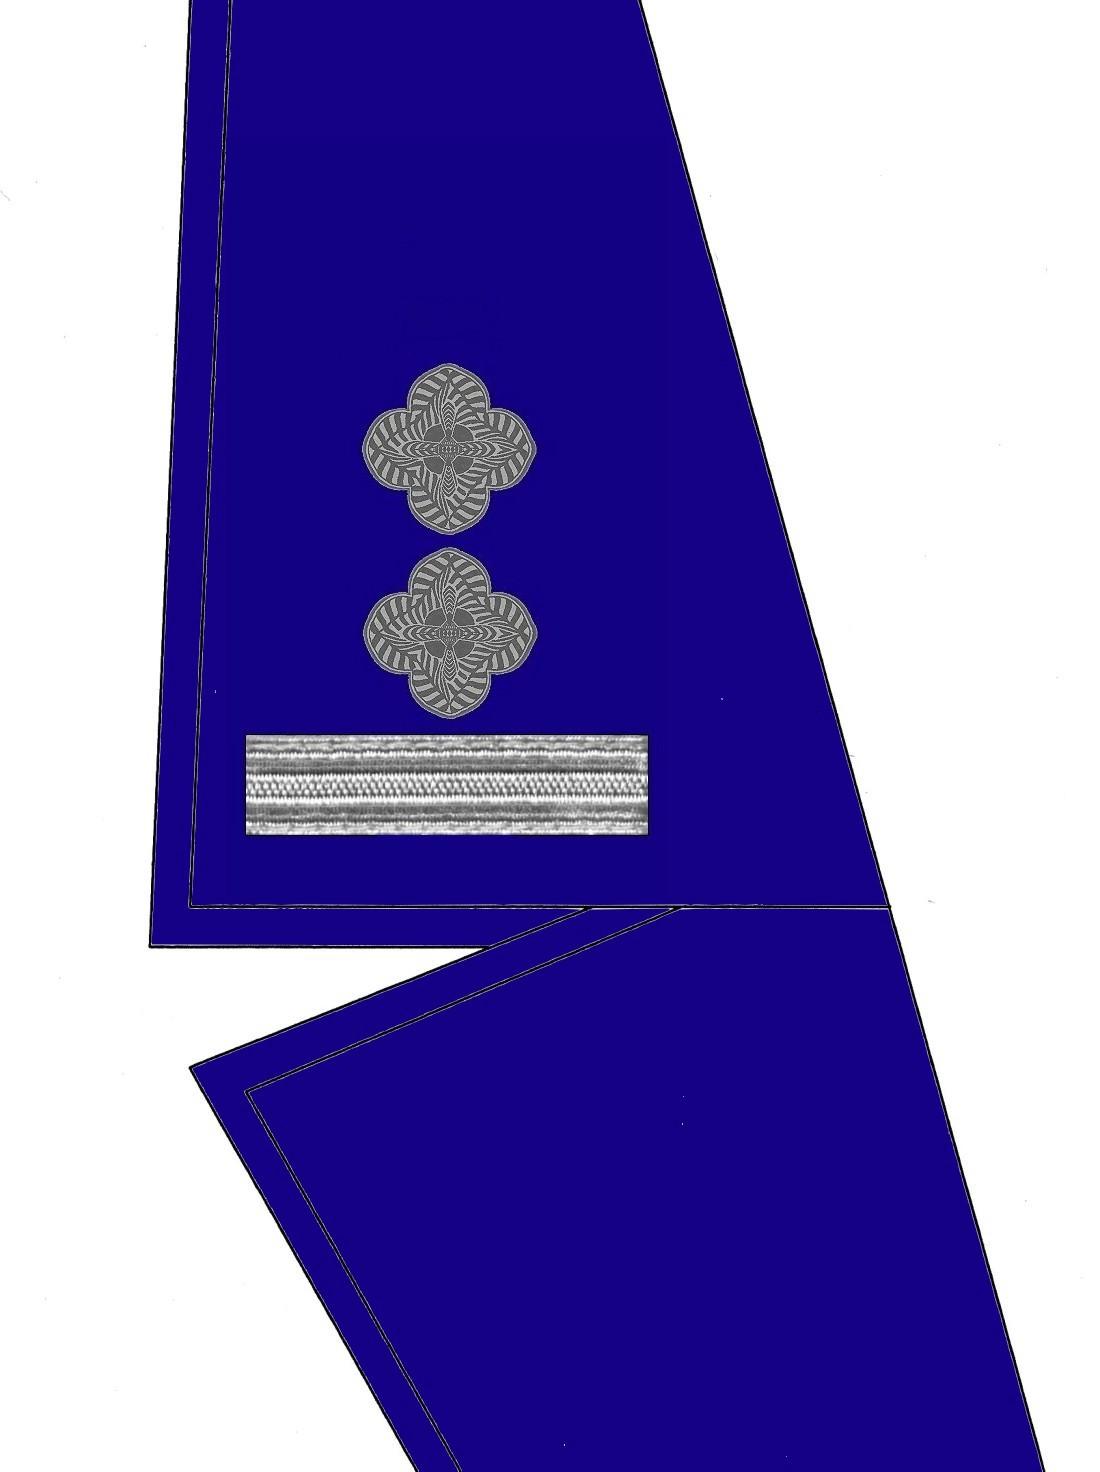 06-kragen-rangabzeichen-stabswachtmeister-hg-blau